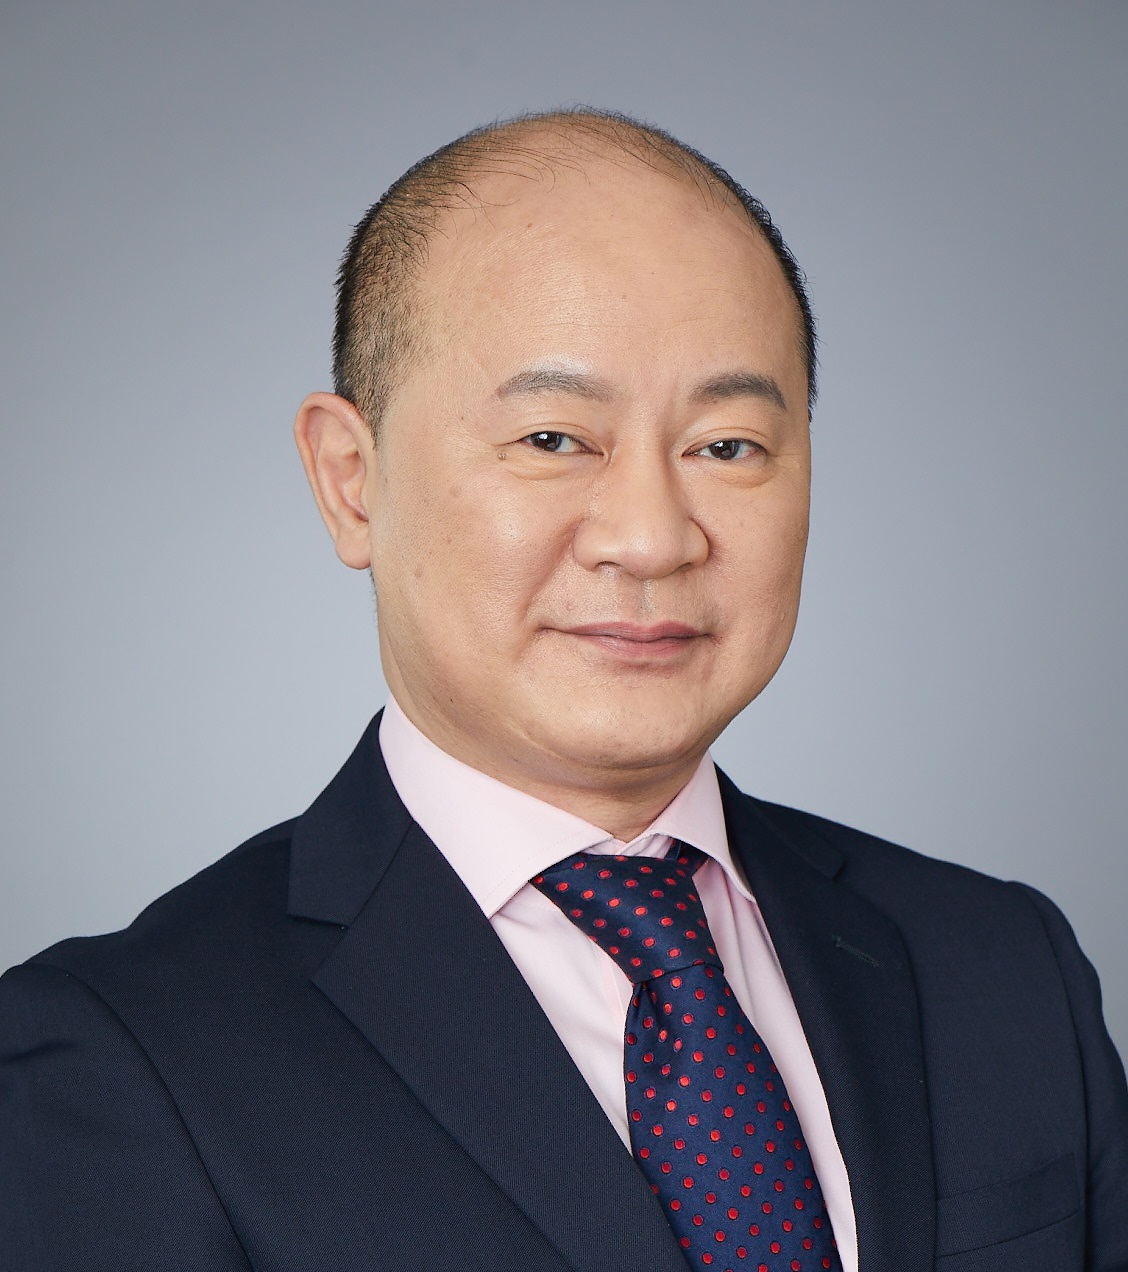 _Lau Chi Kwan, Rudy